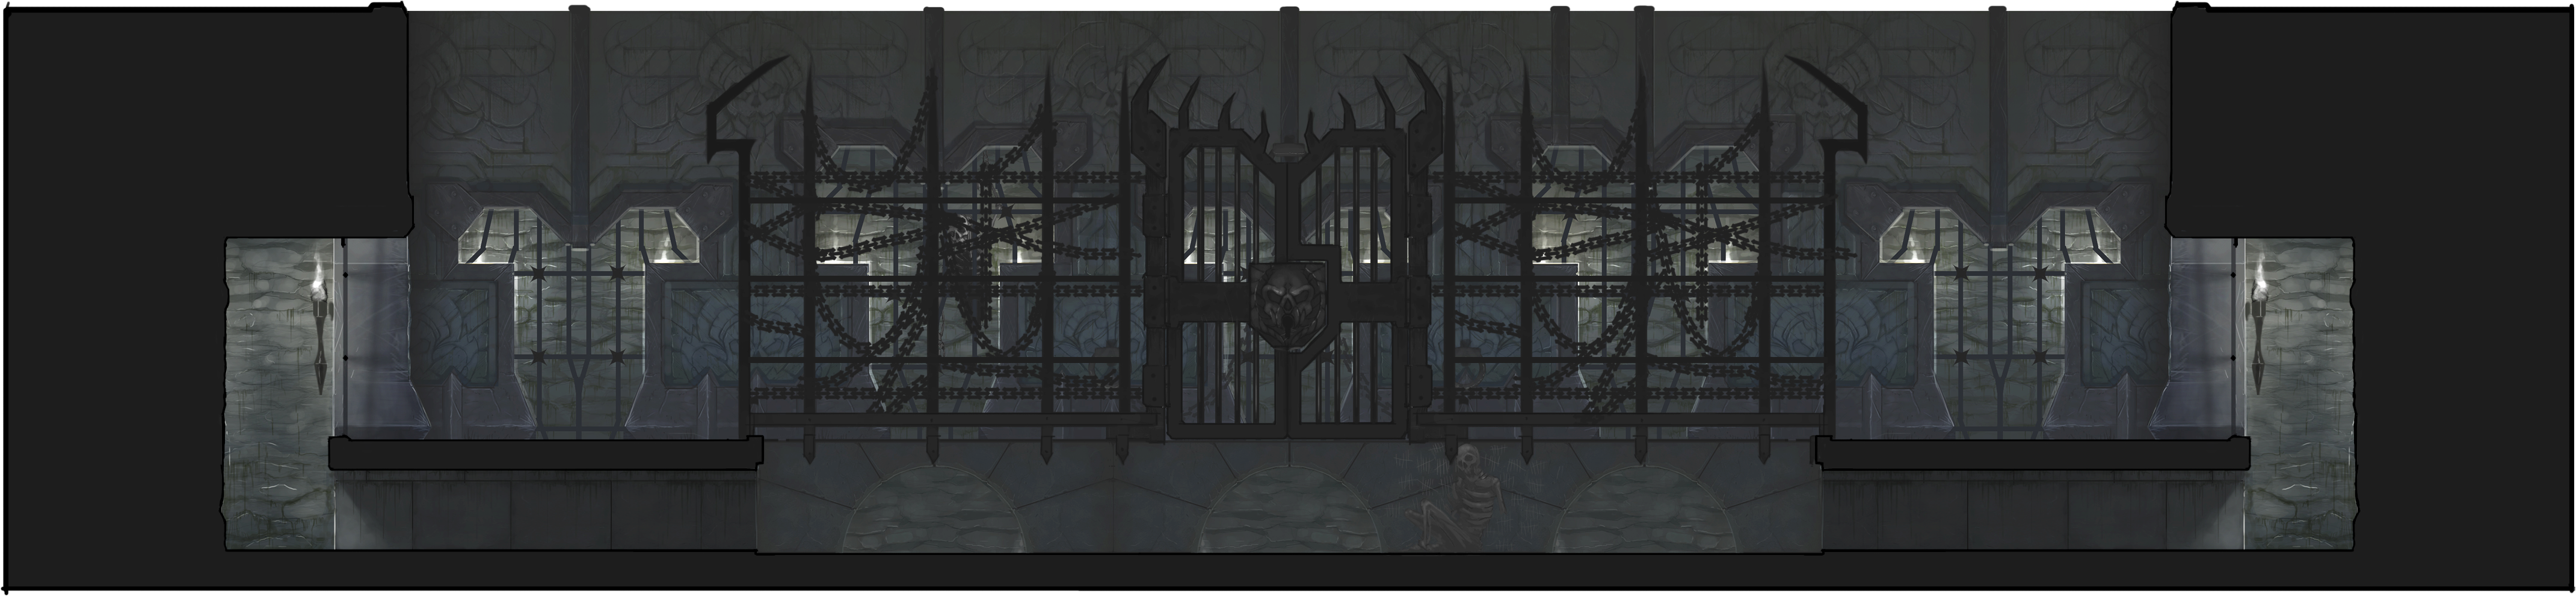 prisonfence